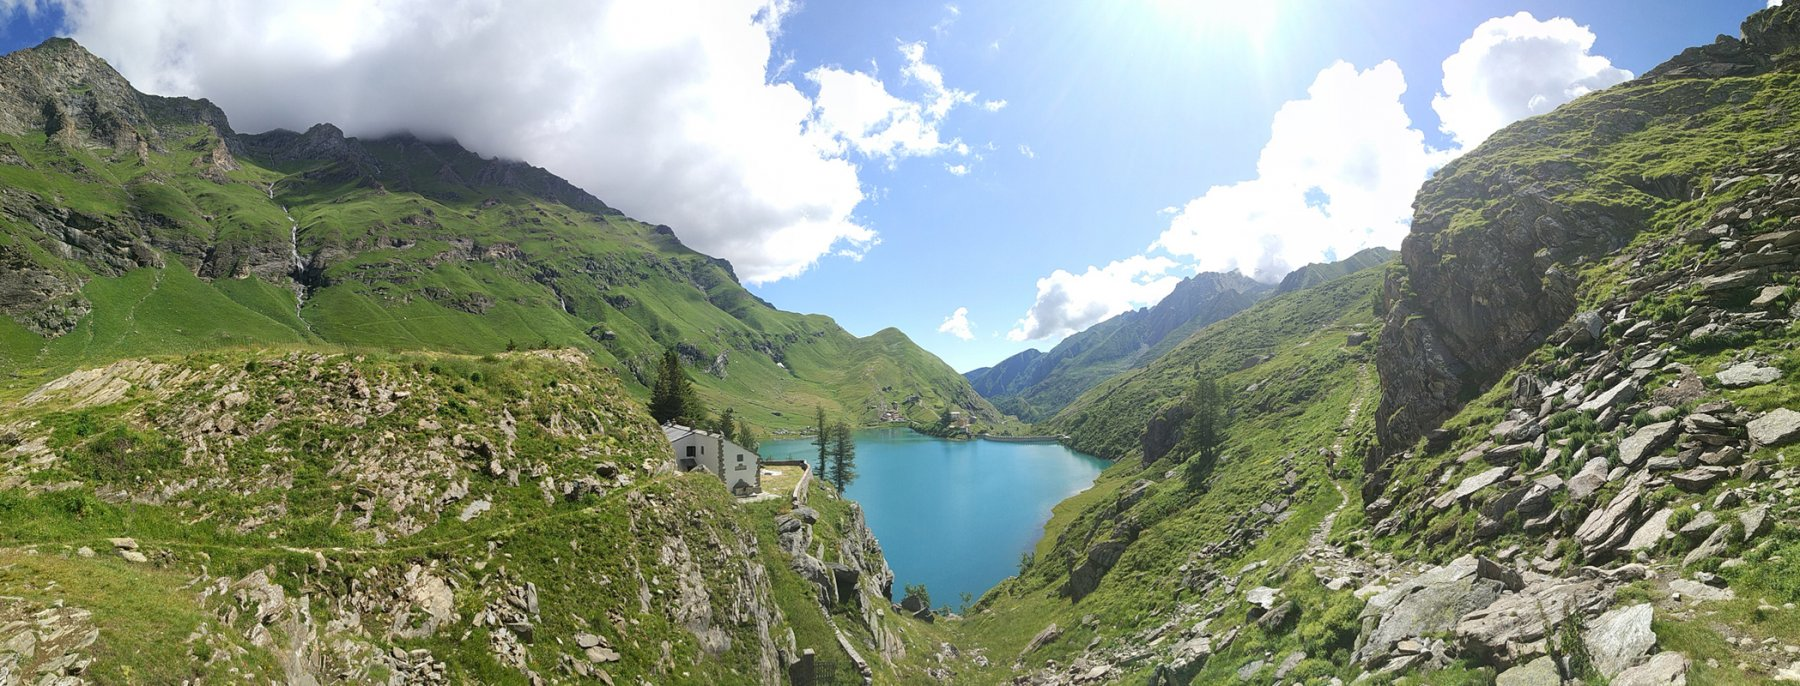 Salendo sopra il lago